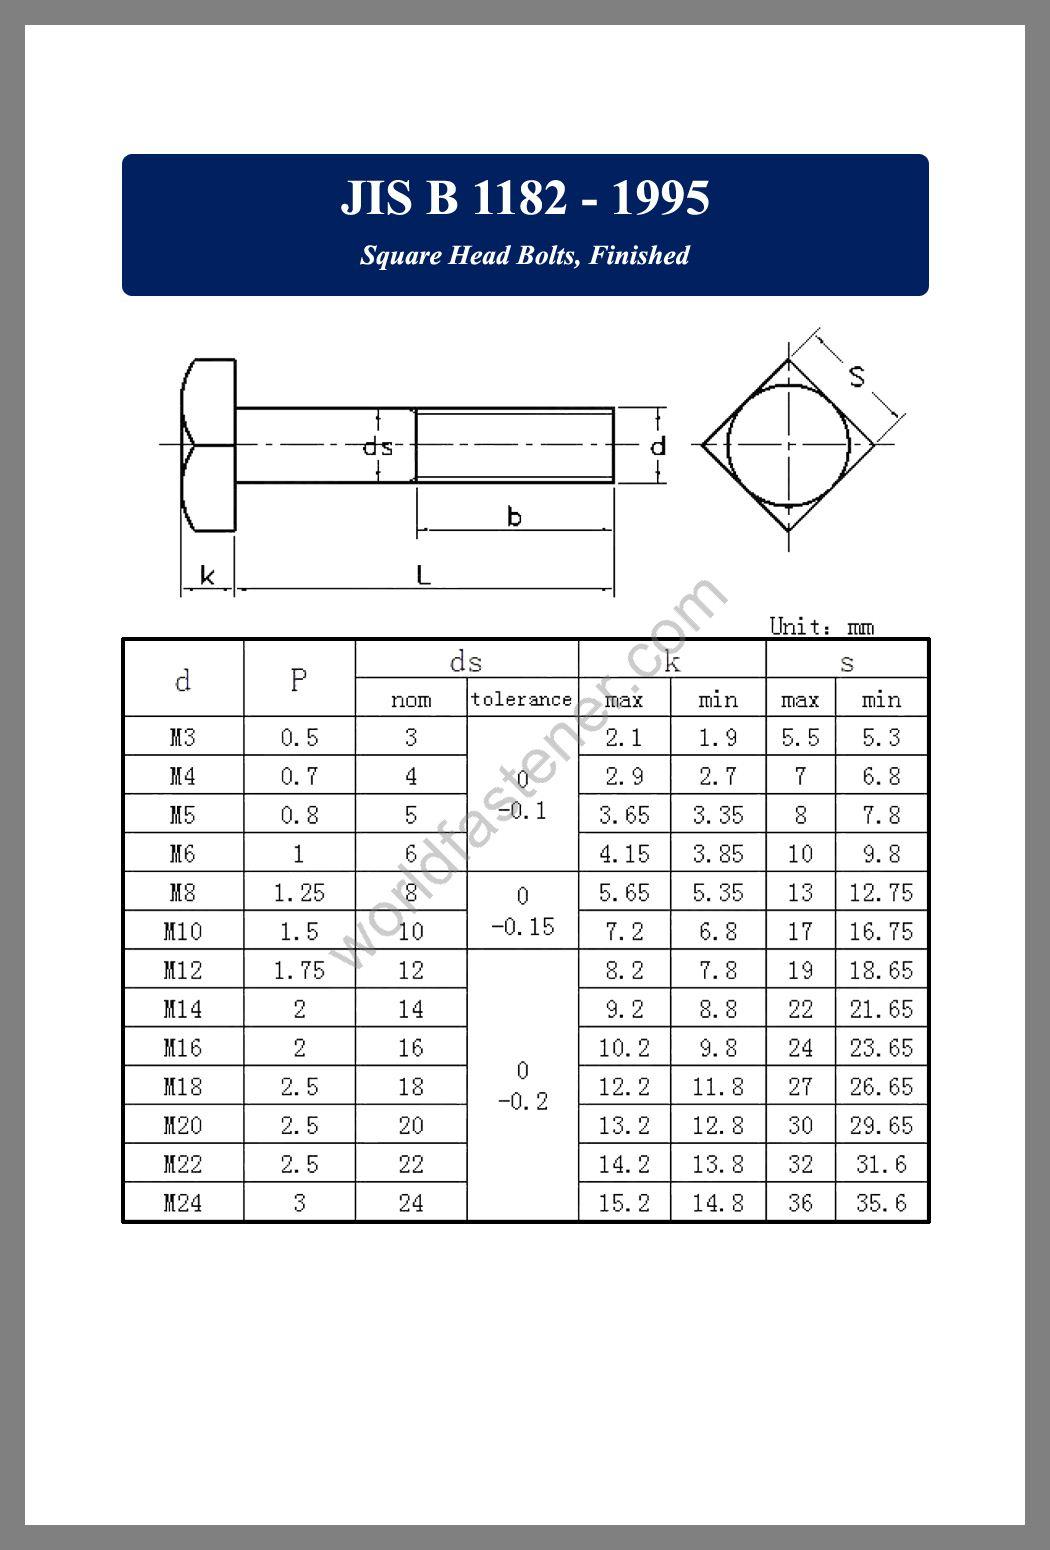 JIS B1182, JIS B1182 Square Head Bolts, fastener, screw, bolt